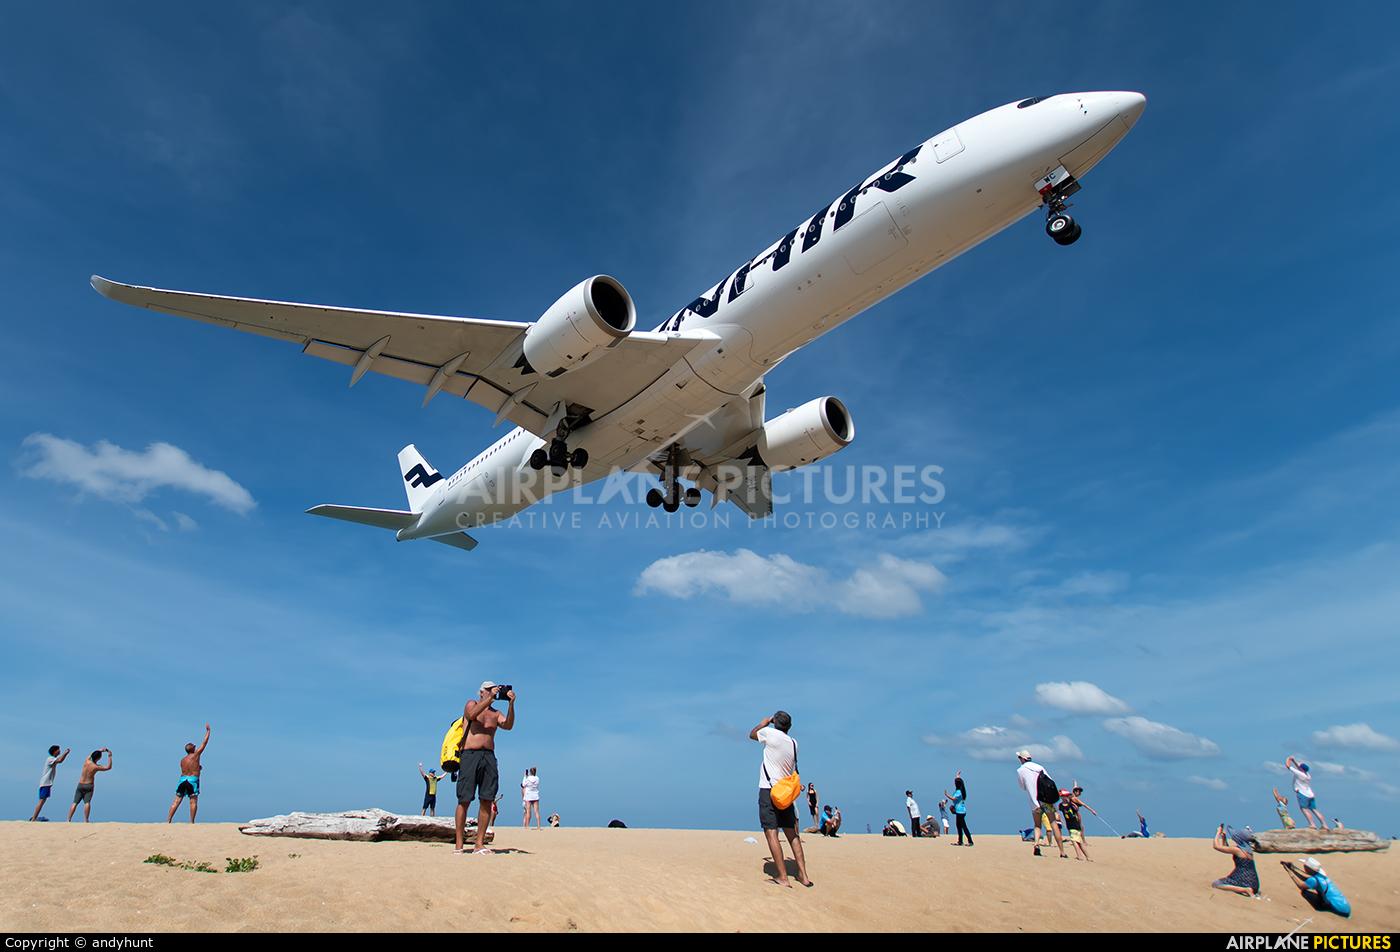 Finnair OH-LWC aircraft at Phuket